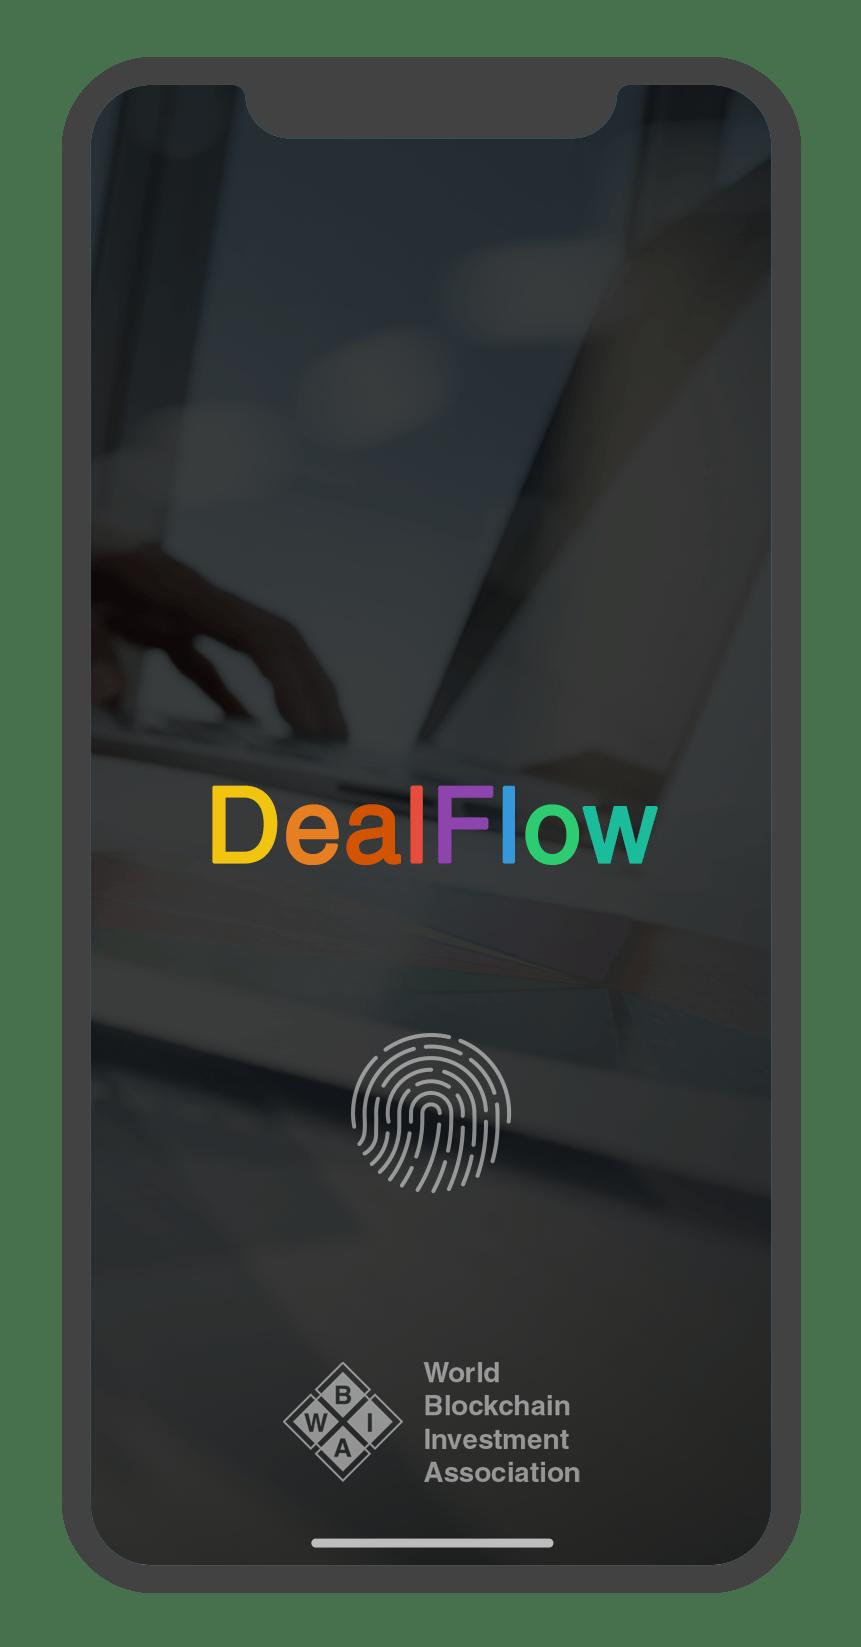 WBIA DealFlow app